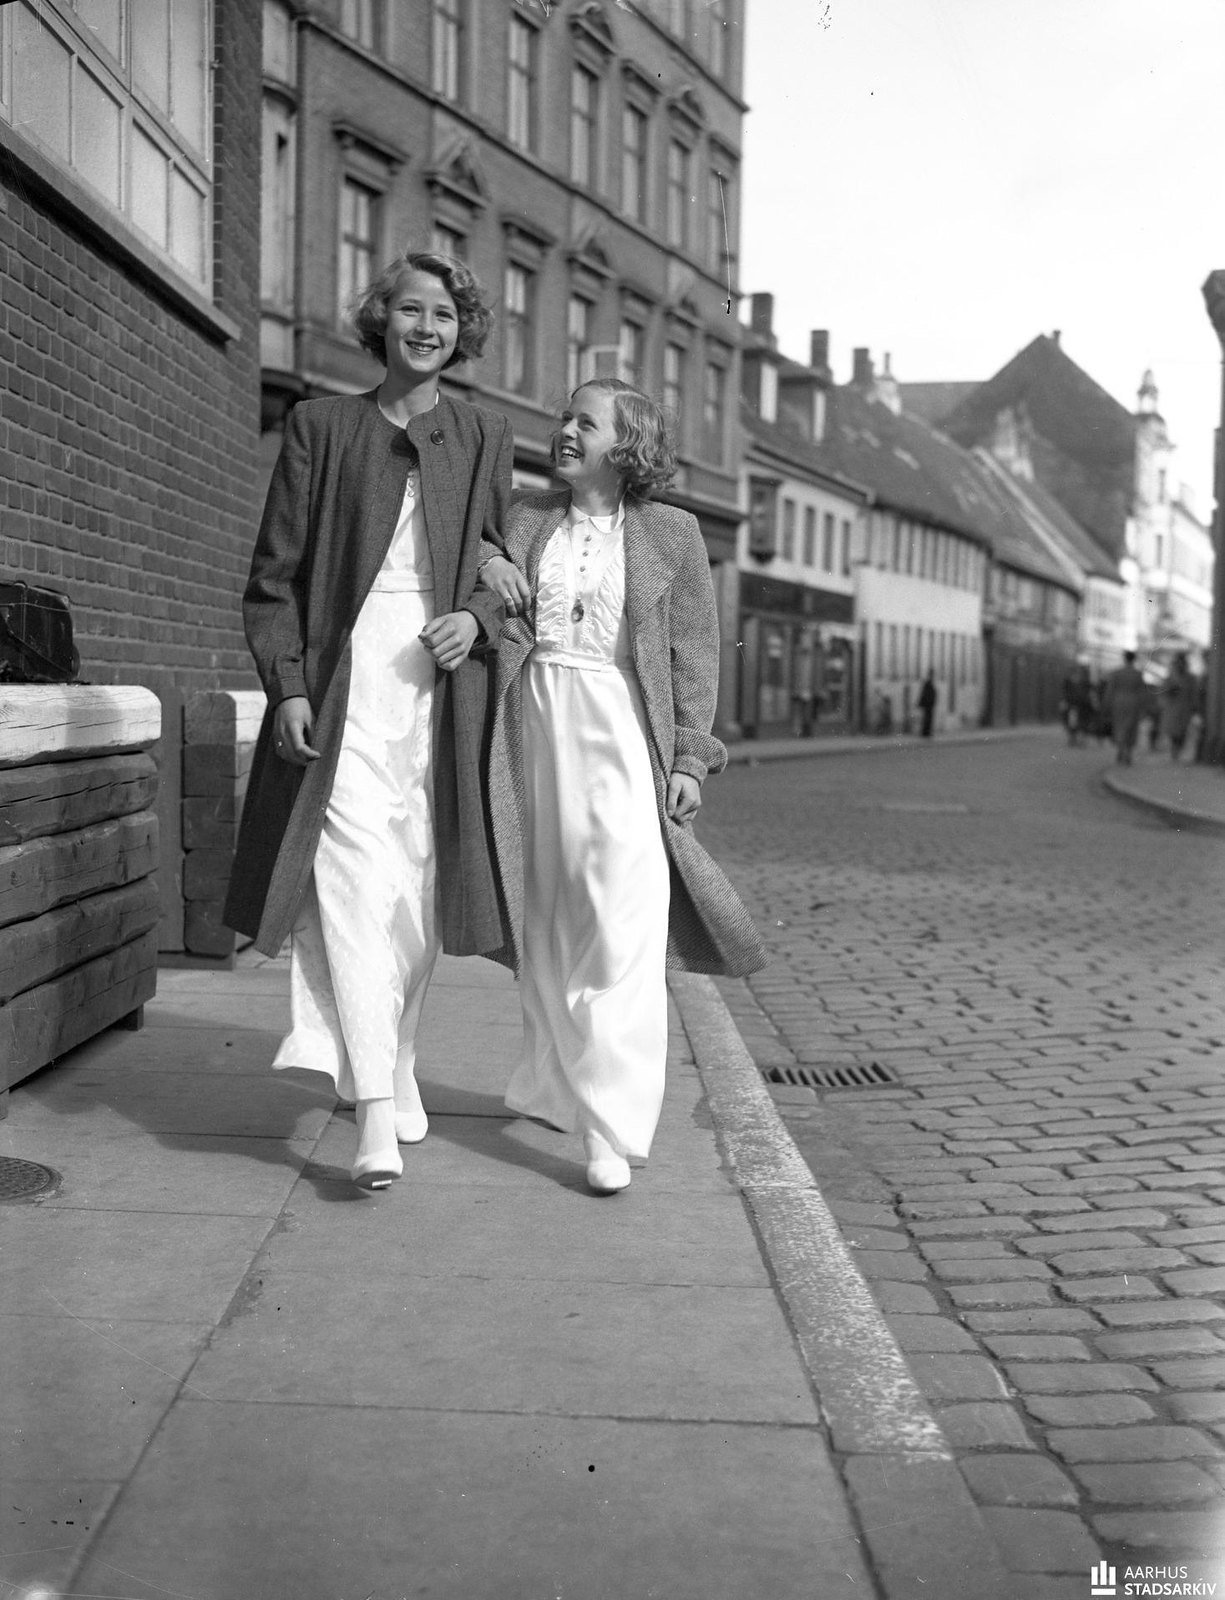 1940. Вестергаде. Две девушки идут рука об руку по улице